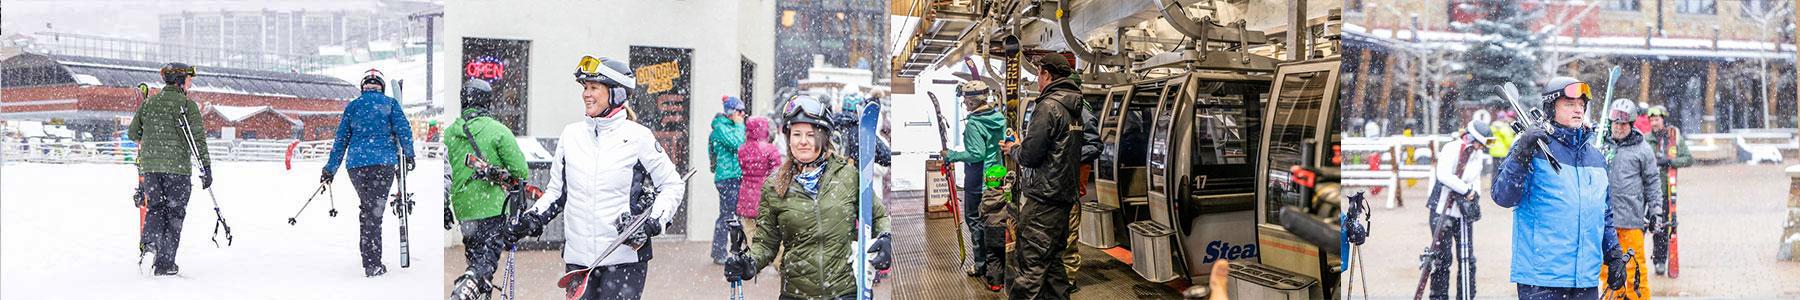 ski in ski out photos - Alpine Mountain Summit Club